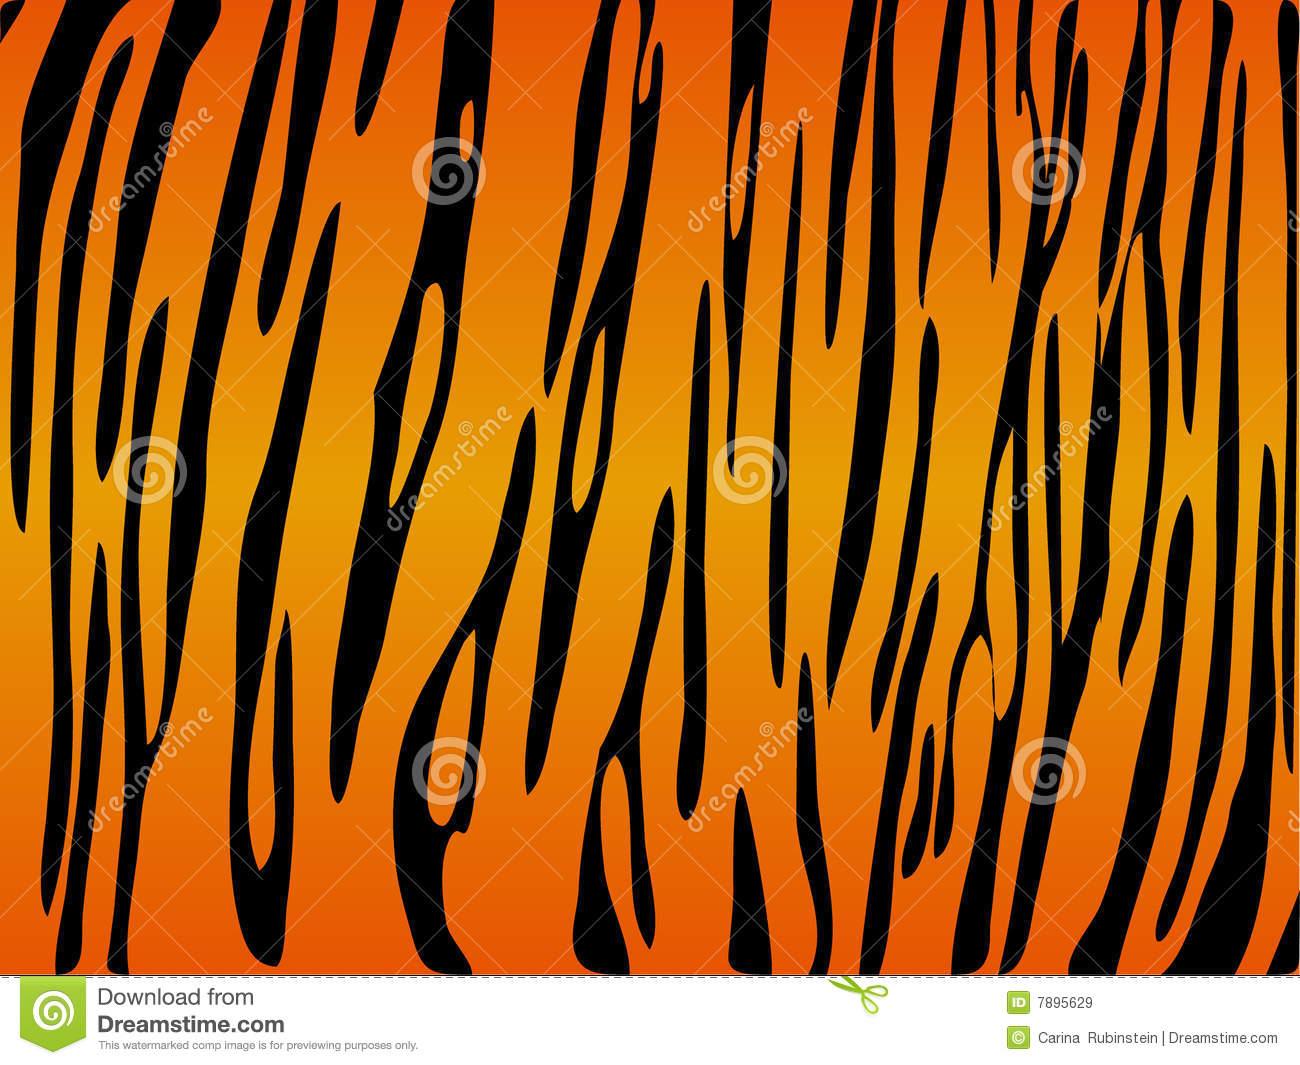 Tiger Print Clipart#2185025.